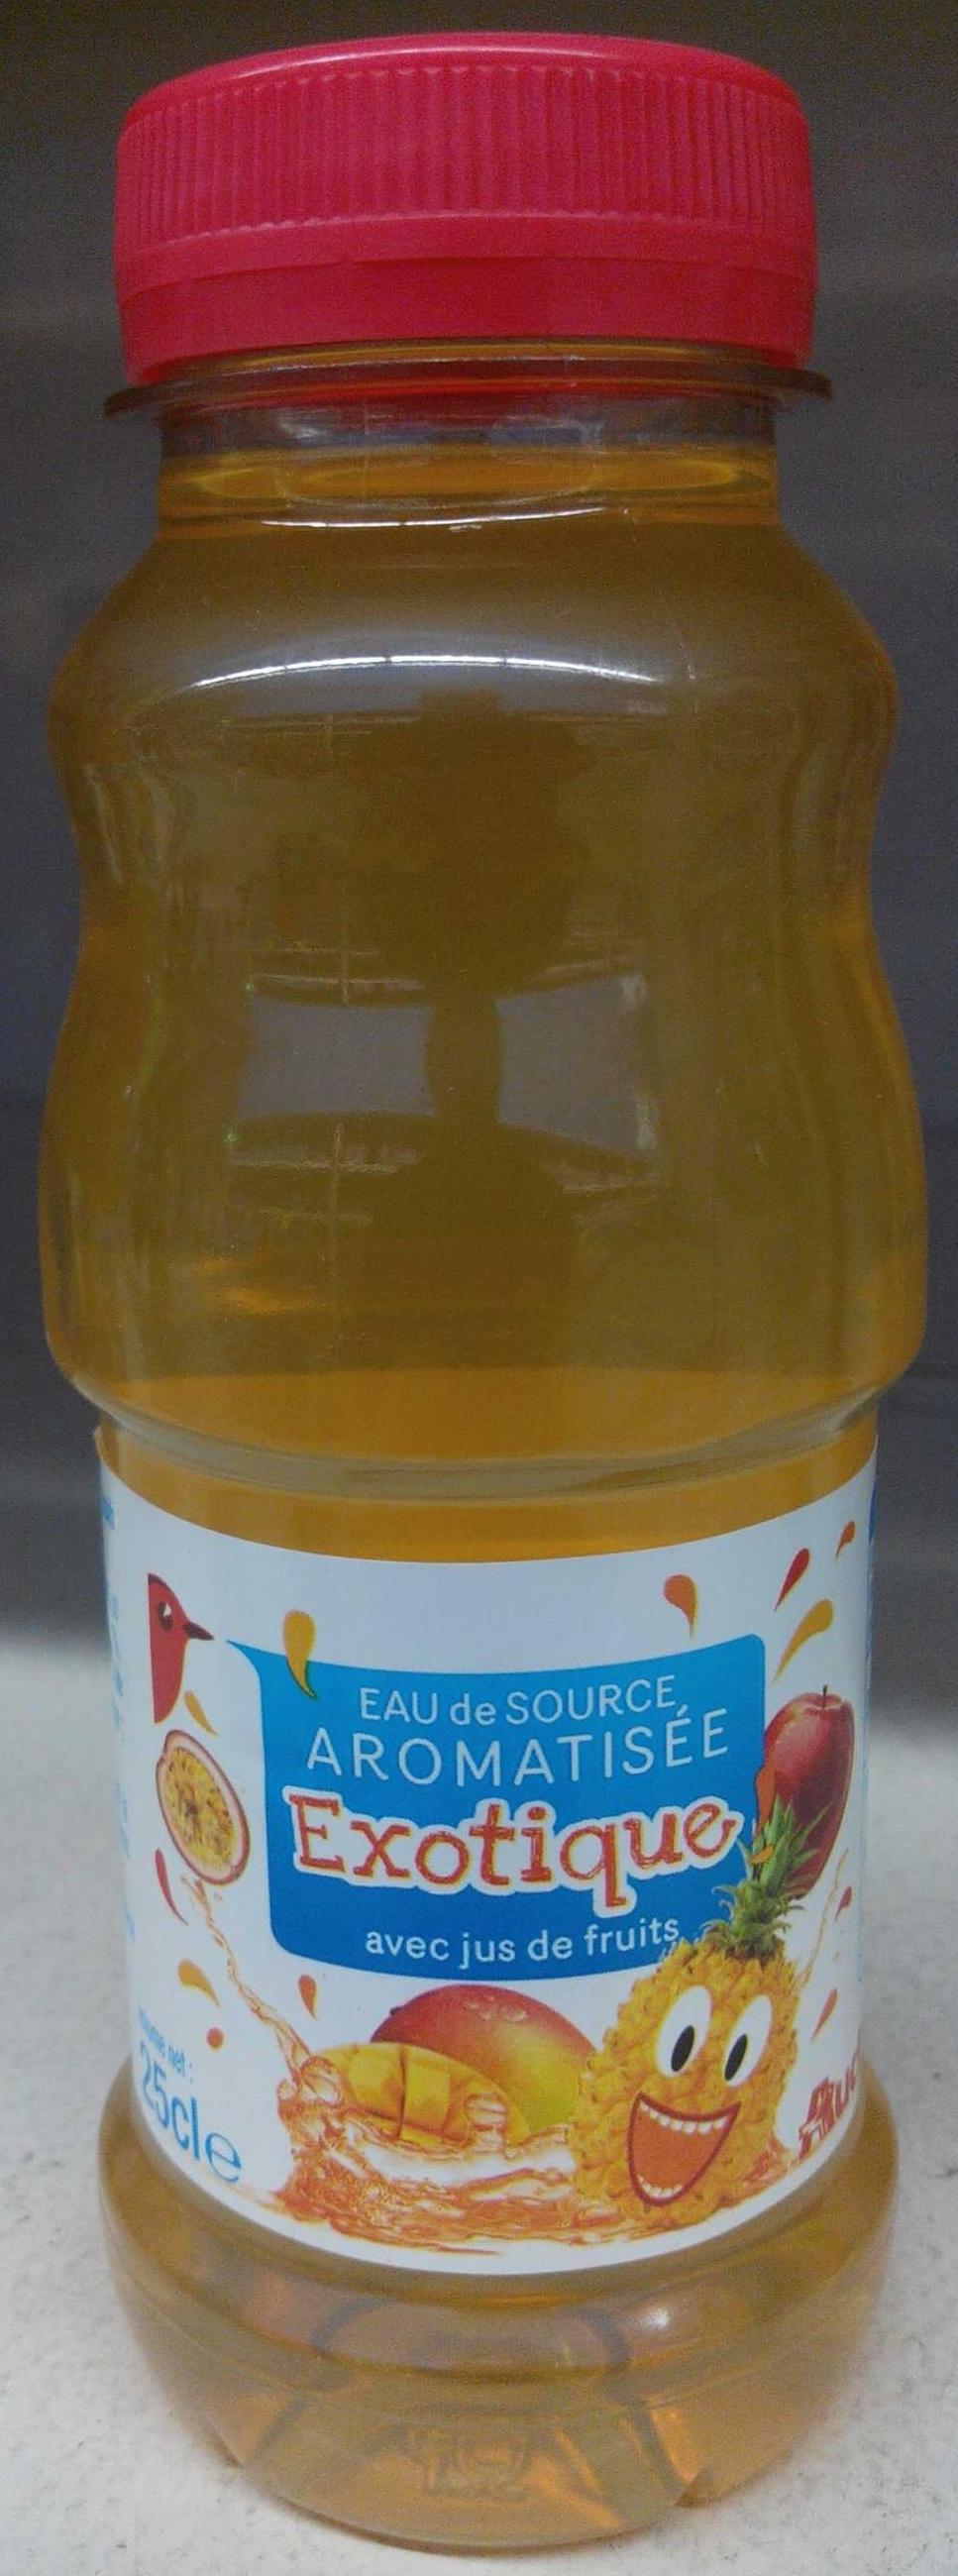 Eau de source aromatisée Exotique - Produit - fr